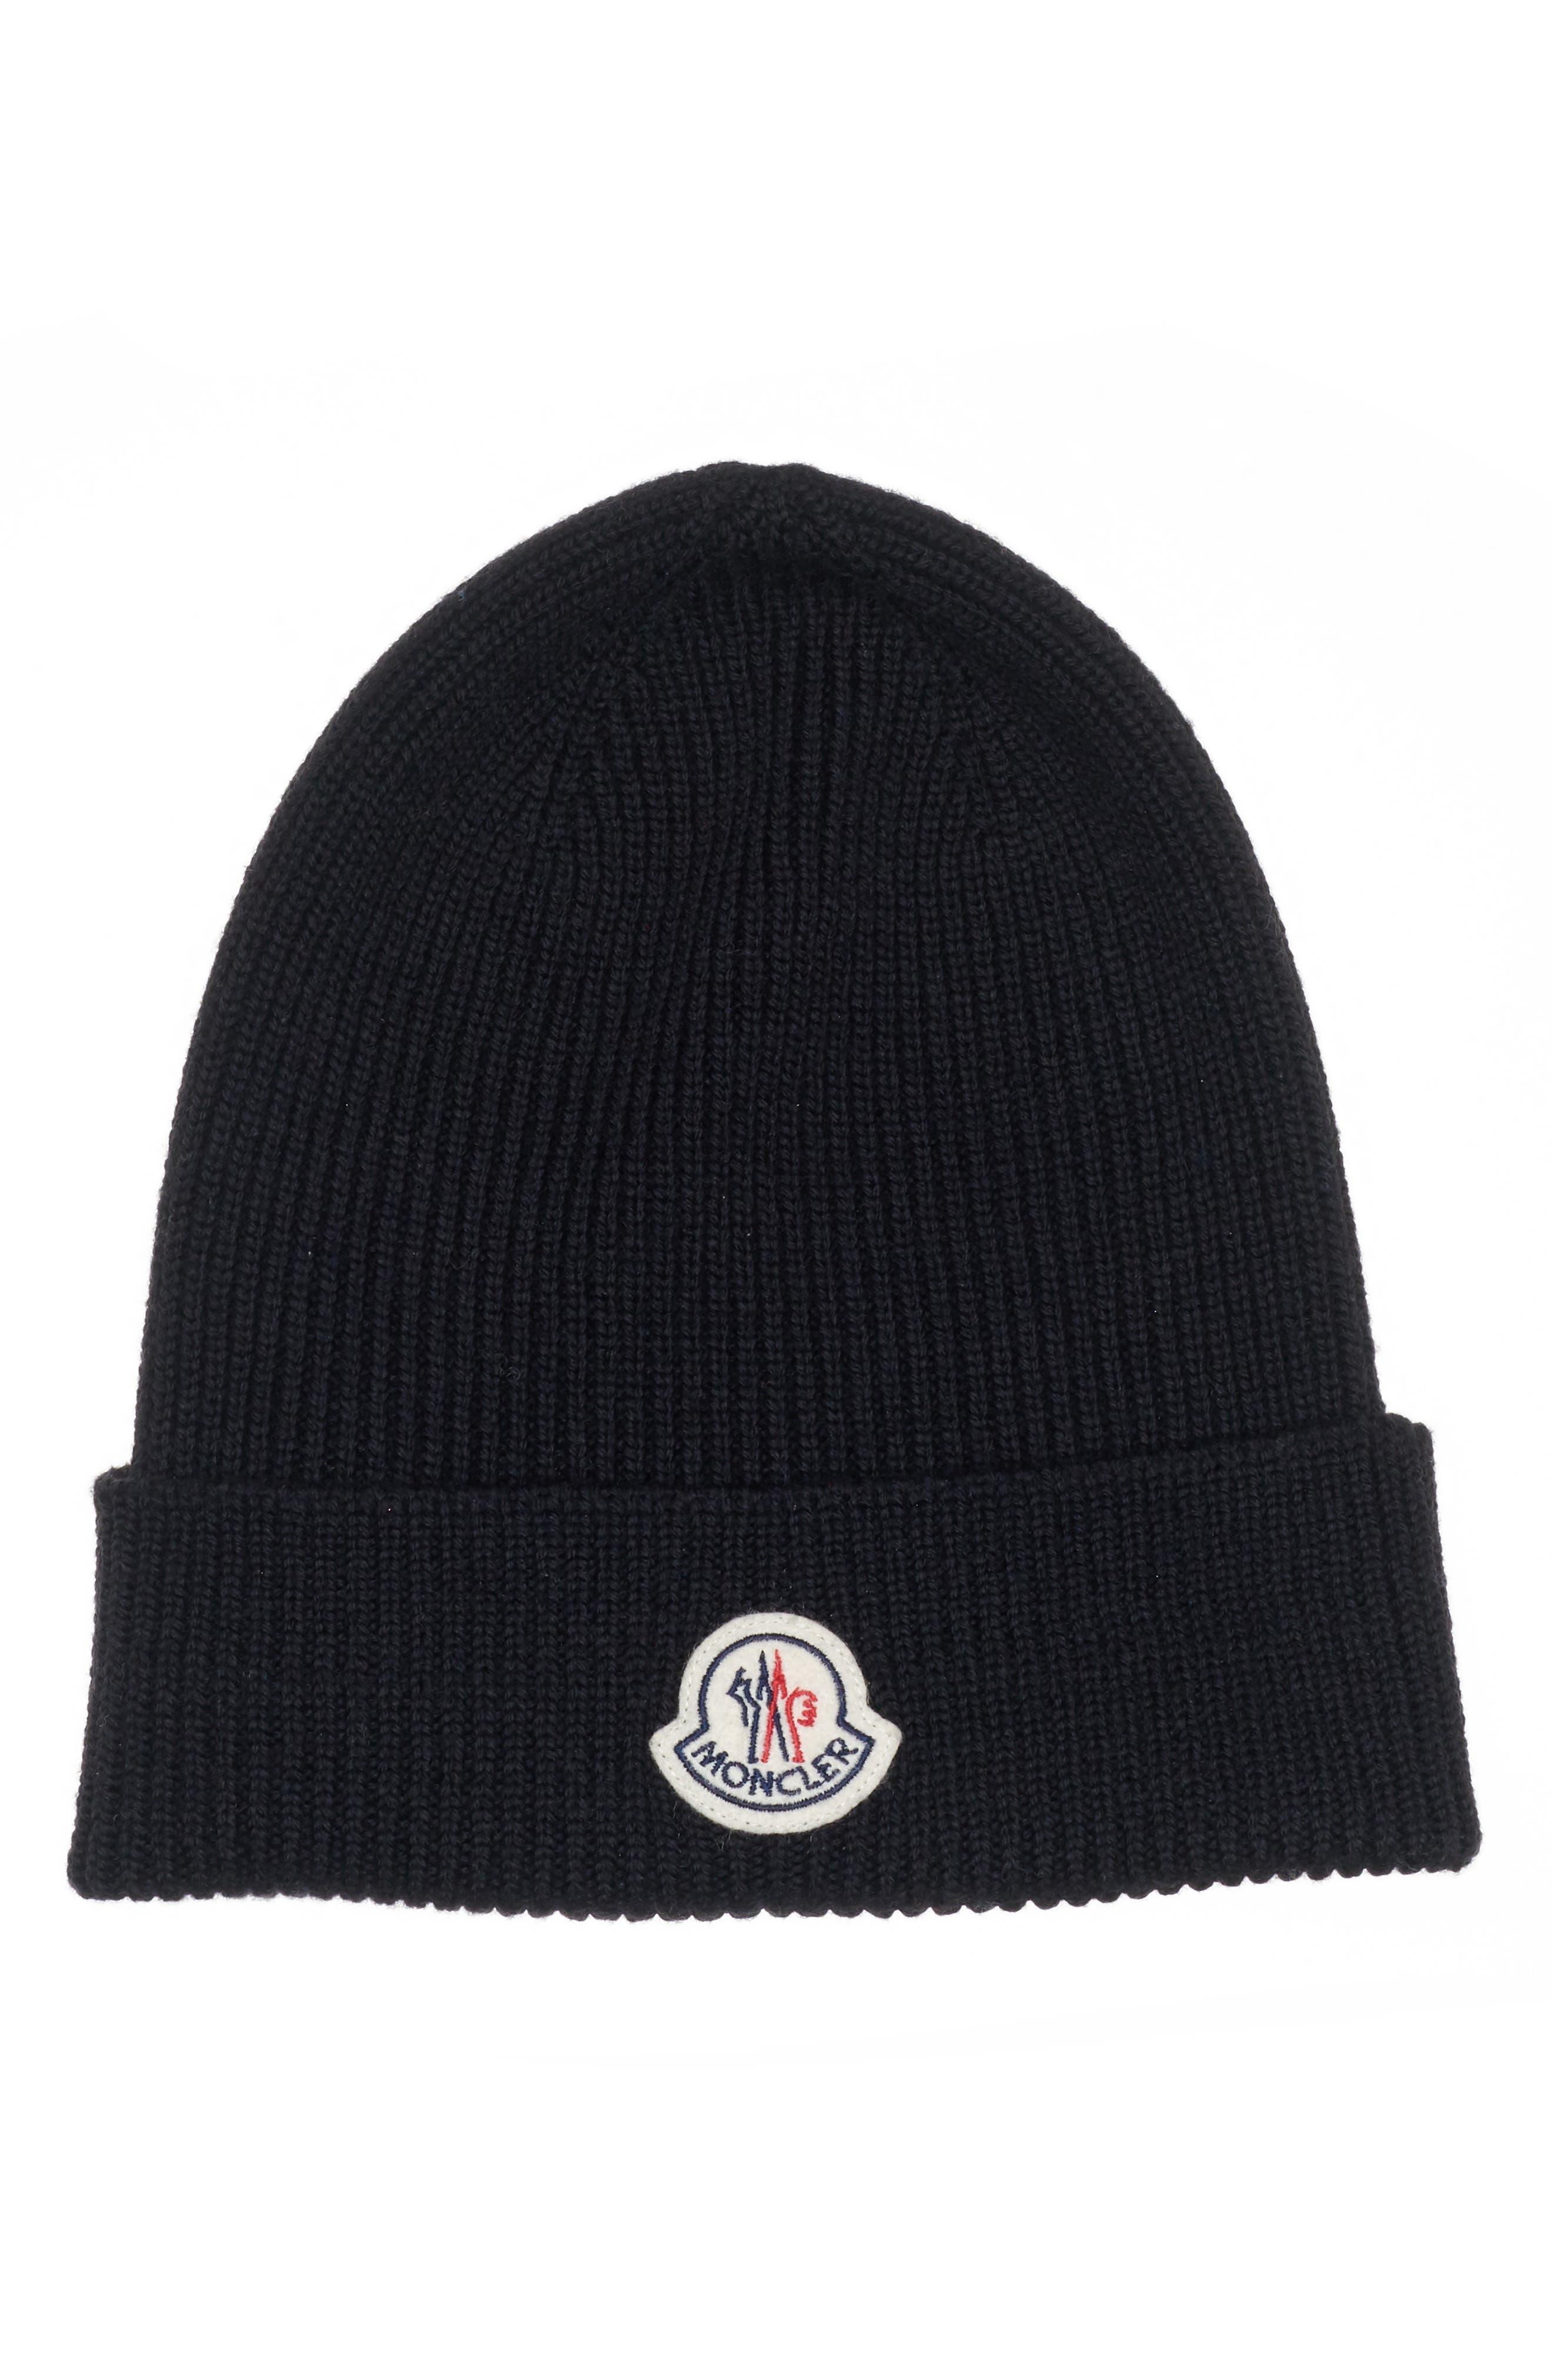 efb07b7f1 Men's Hats, Hats for Men | Nordstrom